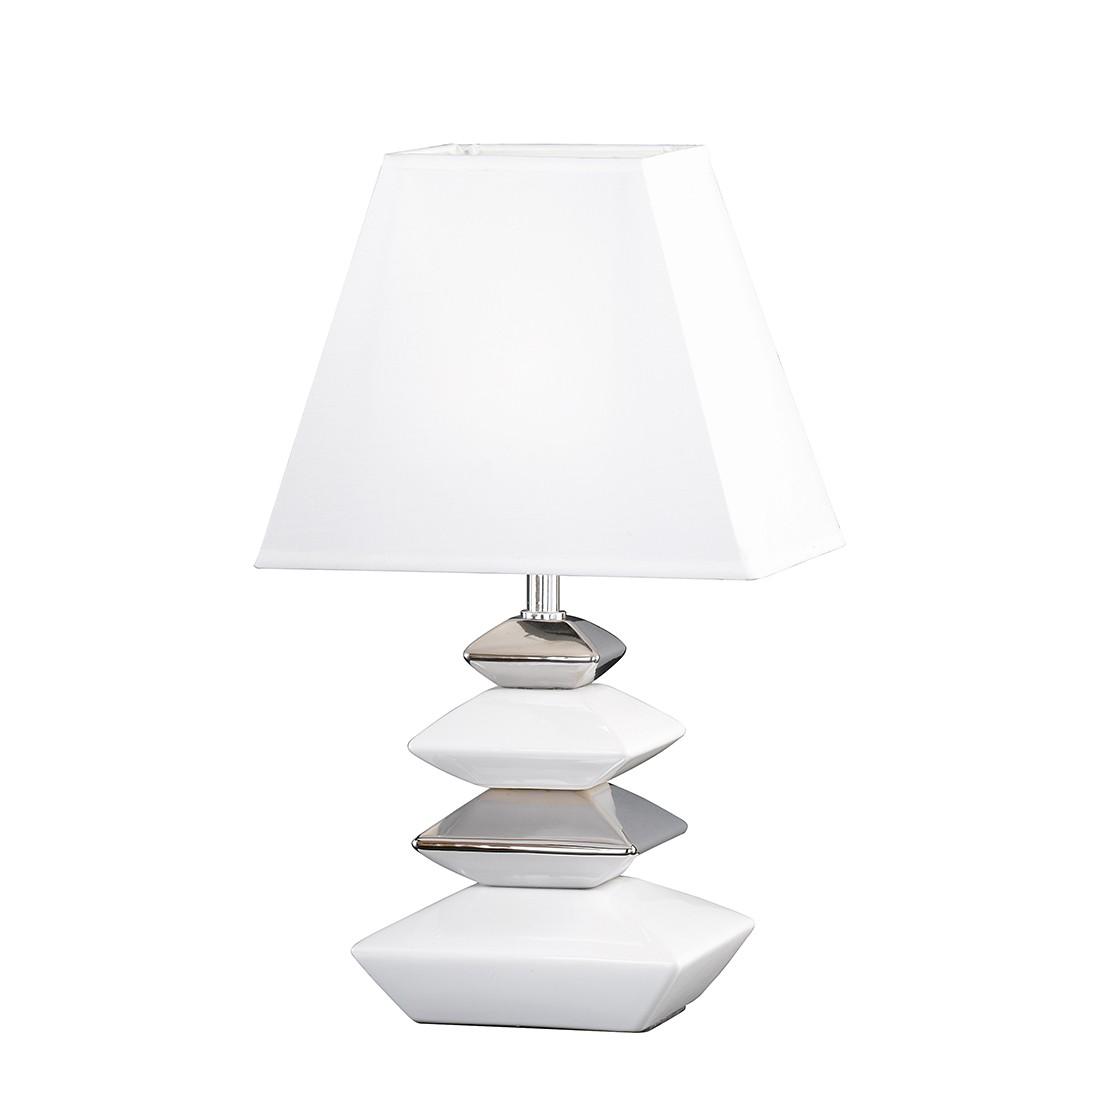 Tischleuchte Sophie groß Keramik Silber ● 1-flammig- Honsel A++